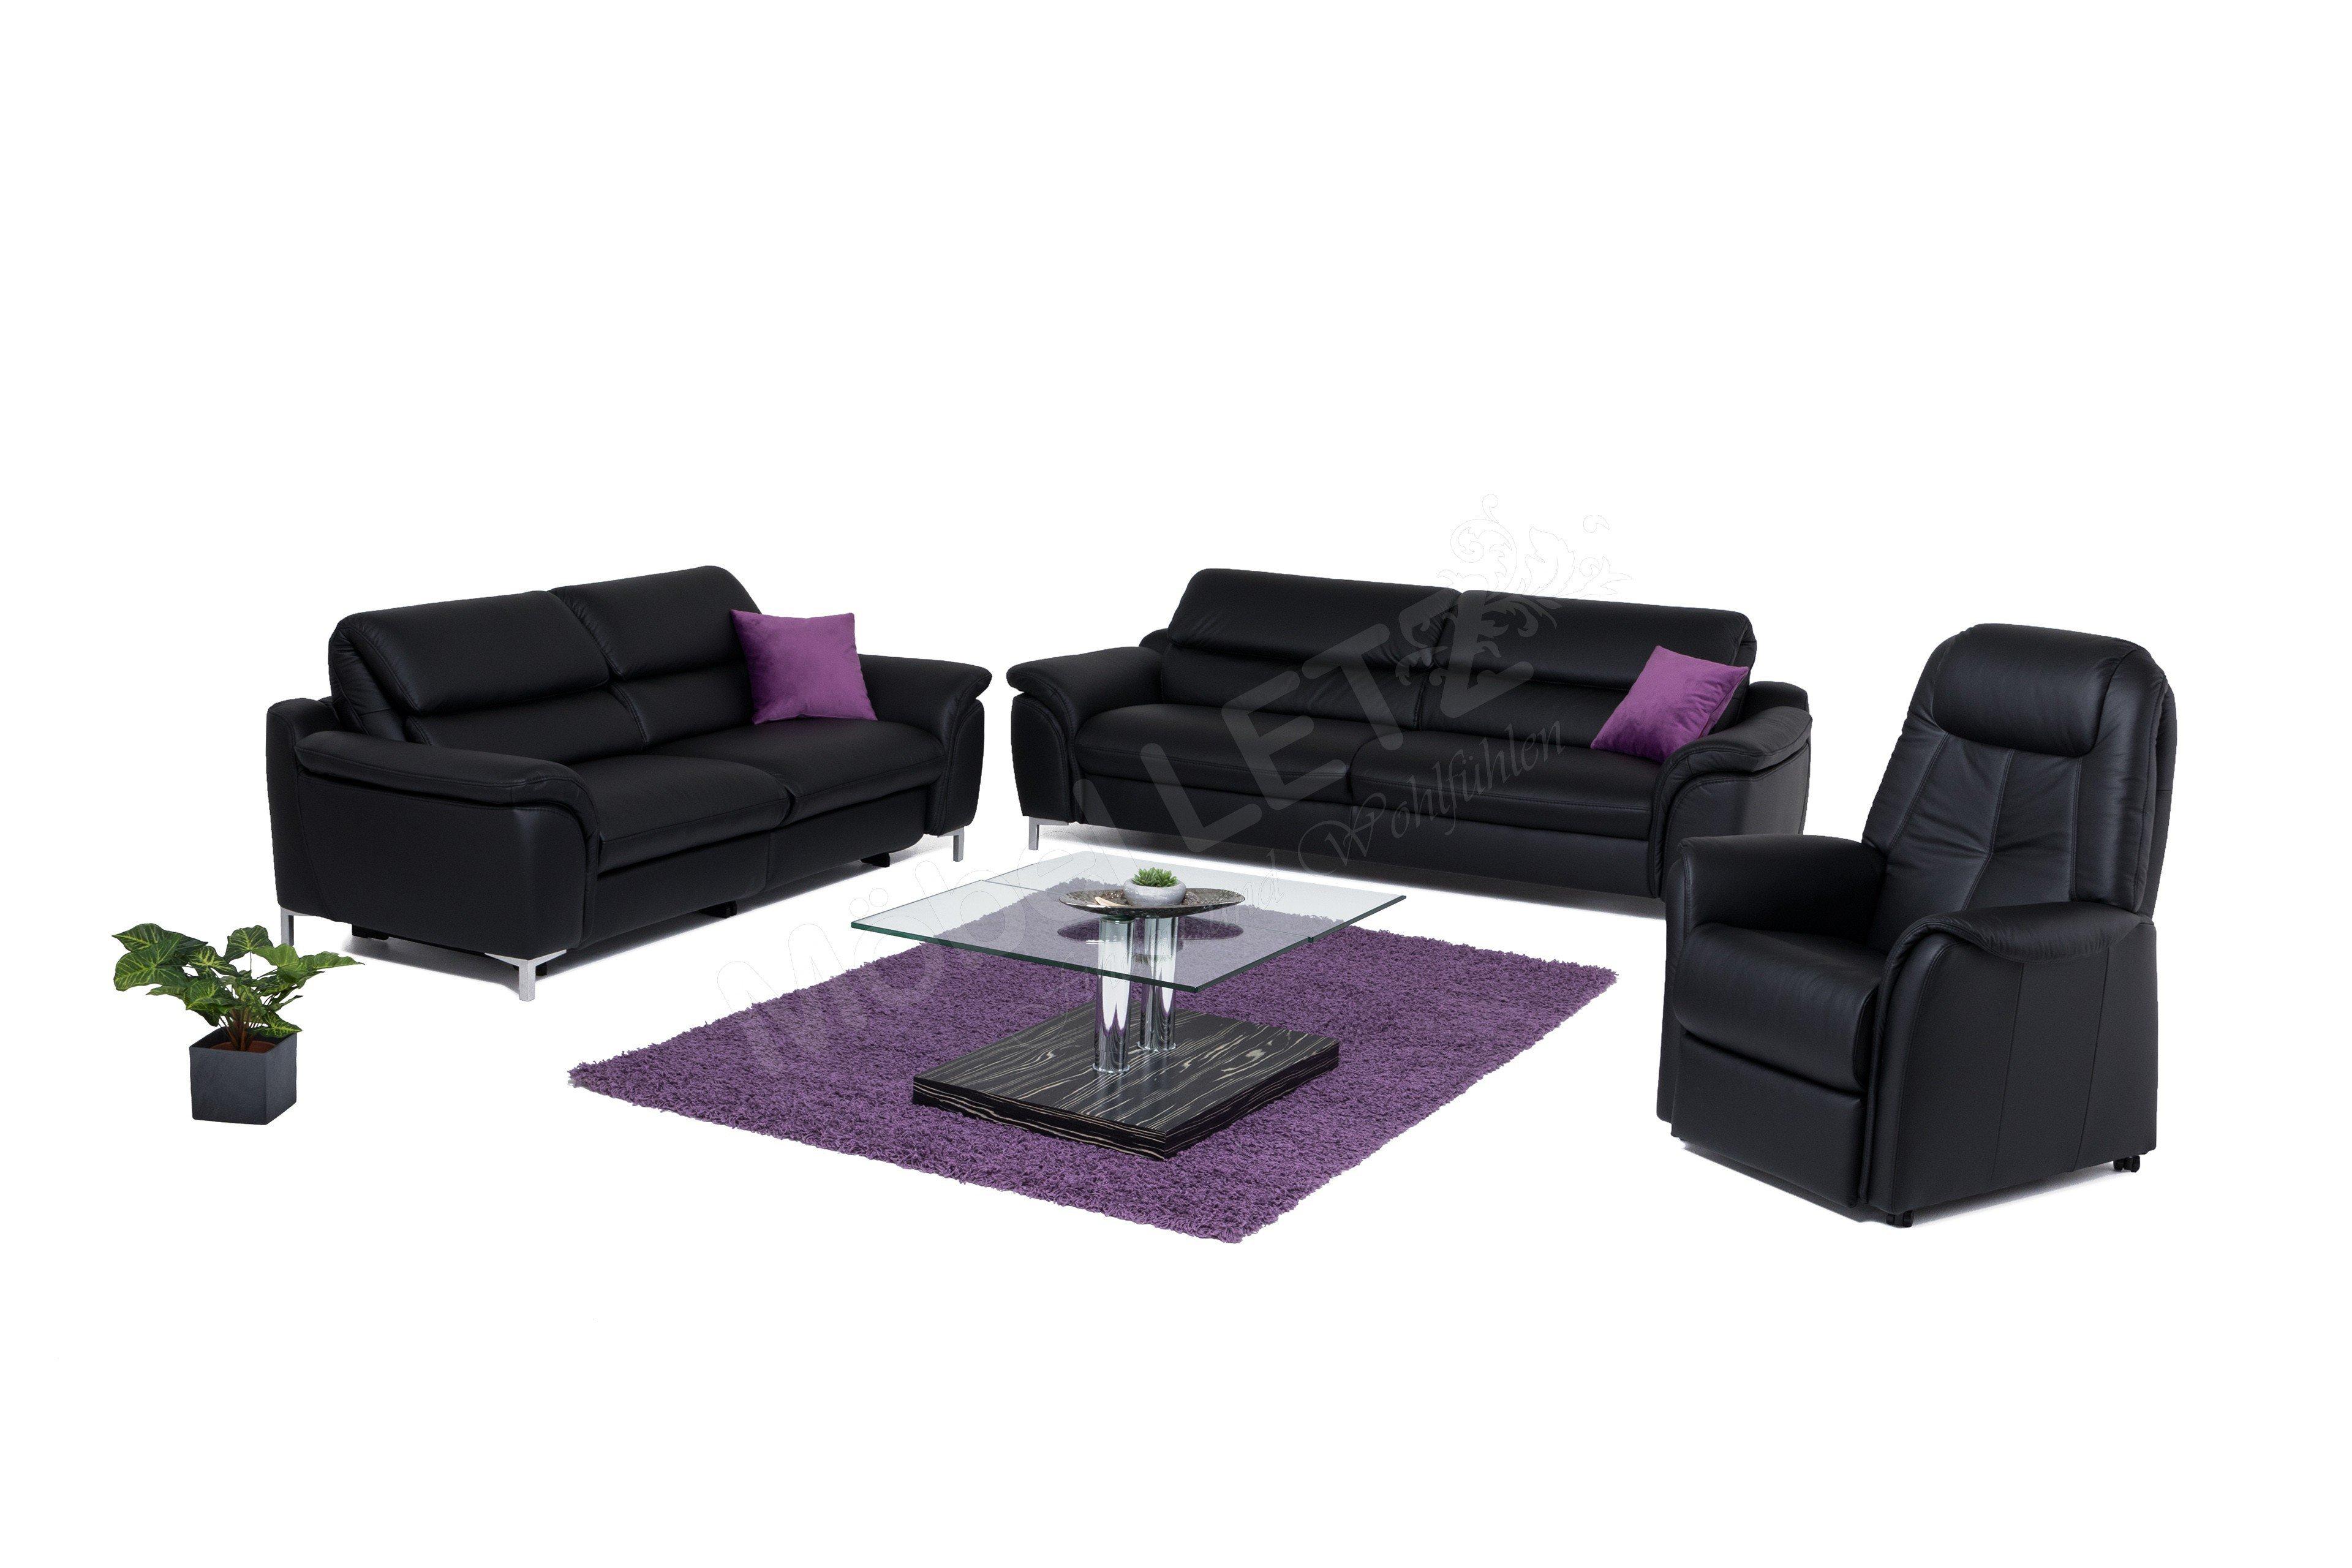 Hukla Rl1656 3 2 Garnitur In Schwarz Mobel Letz Ihr Online Shop